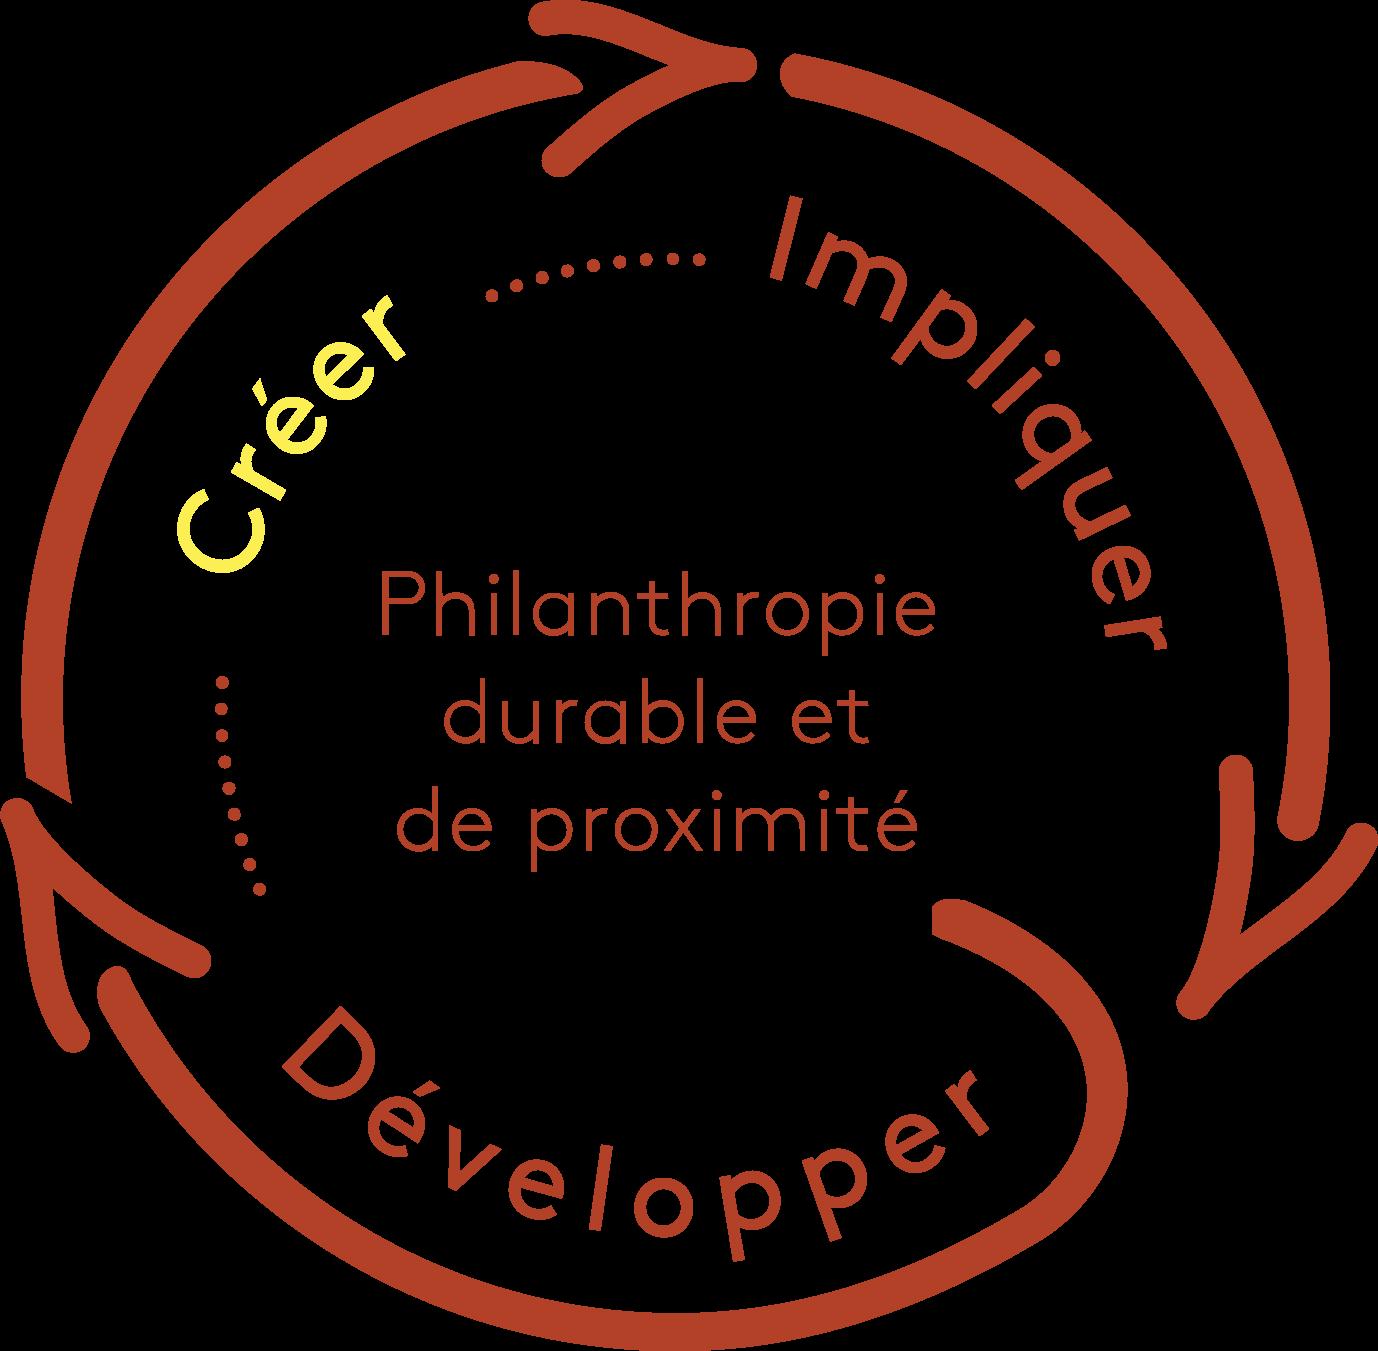 Boucle de la philanthropie durable et de proximité, emphase sur Créer